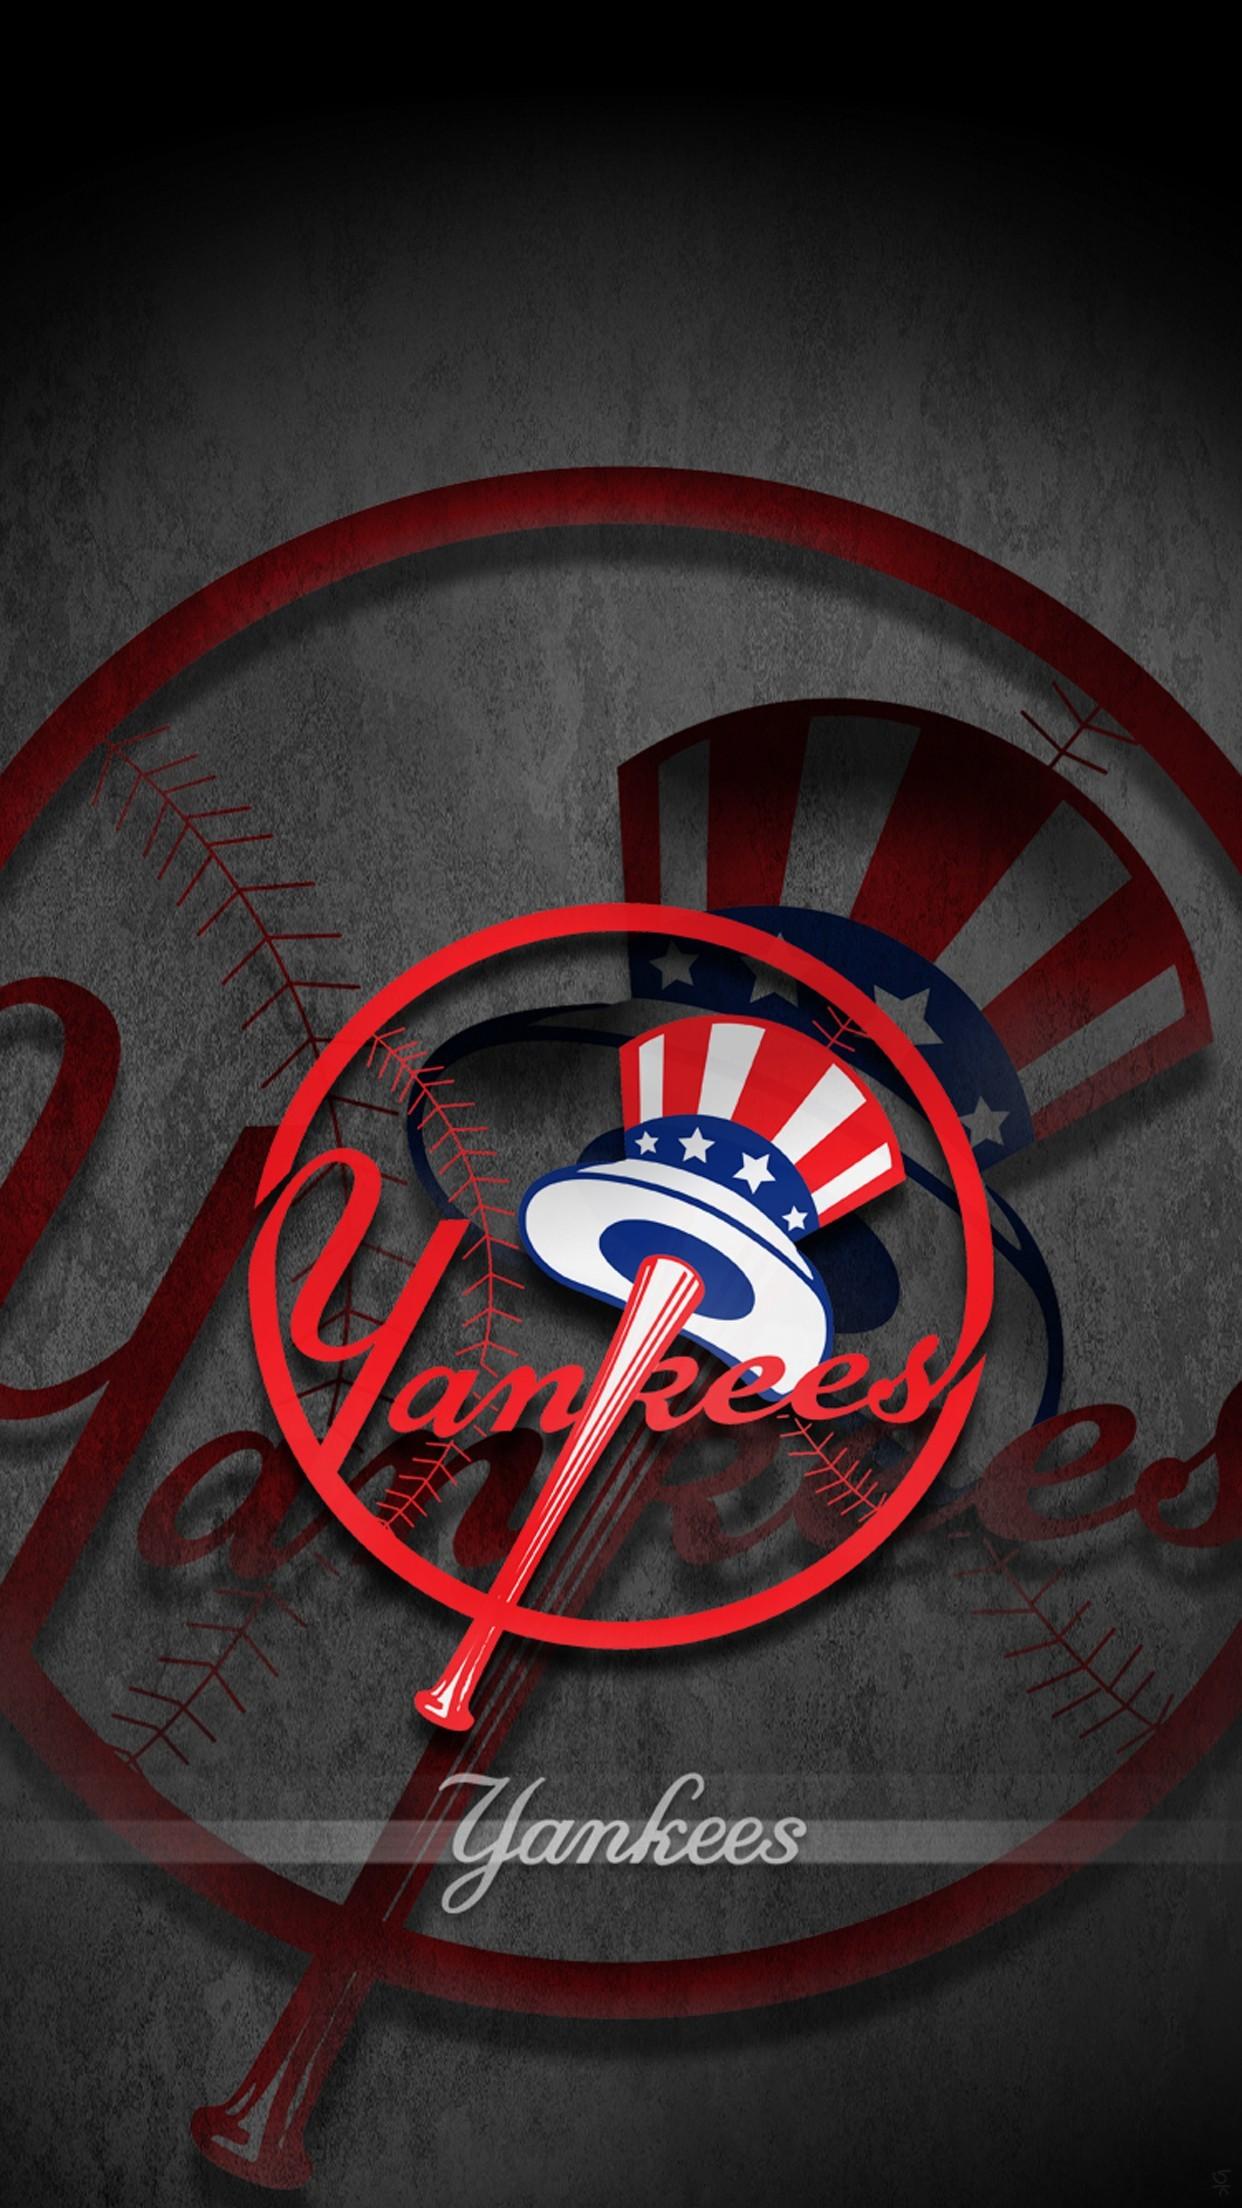 New York Yankees Iphone Wallpaper 67 Images